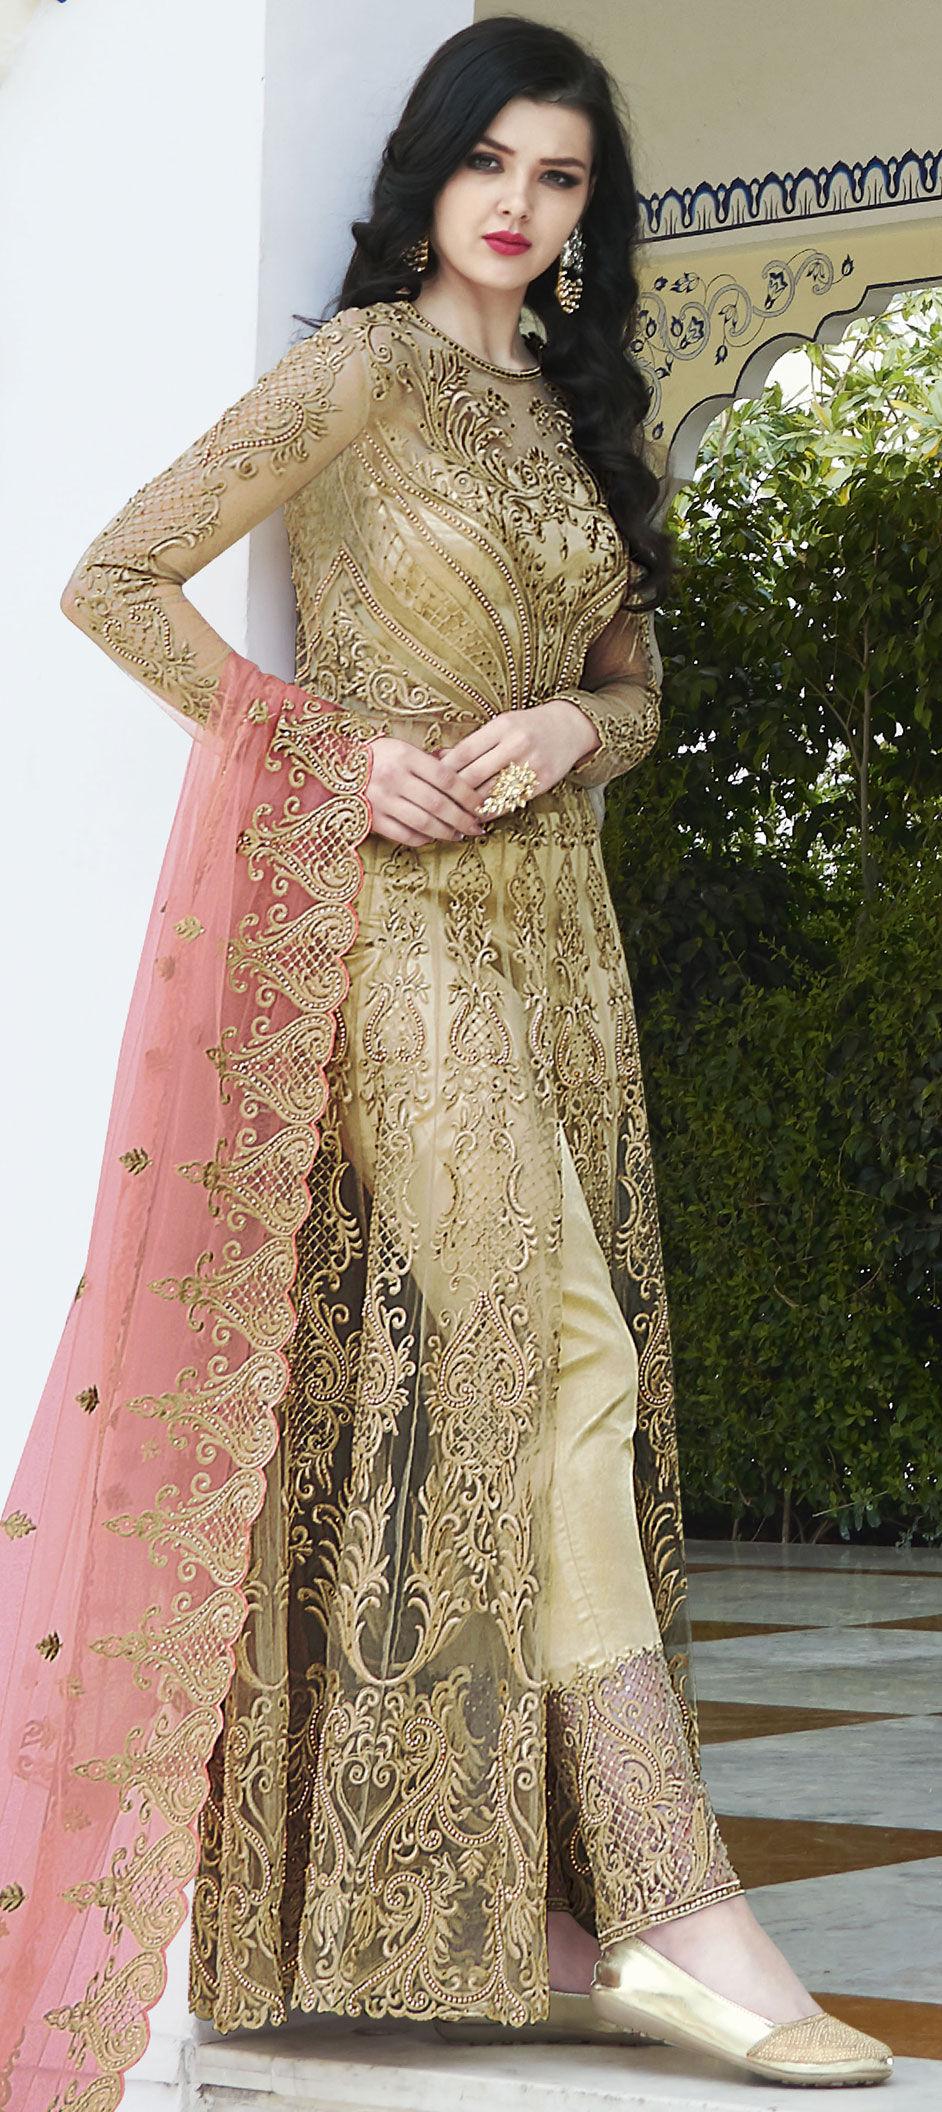 40acce5496 Designer, Mehendi Sangeet, Party Wear, Reception Beige and Brown ...